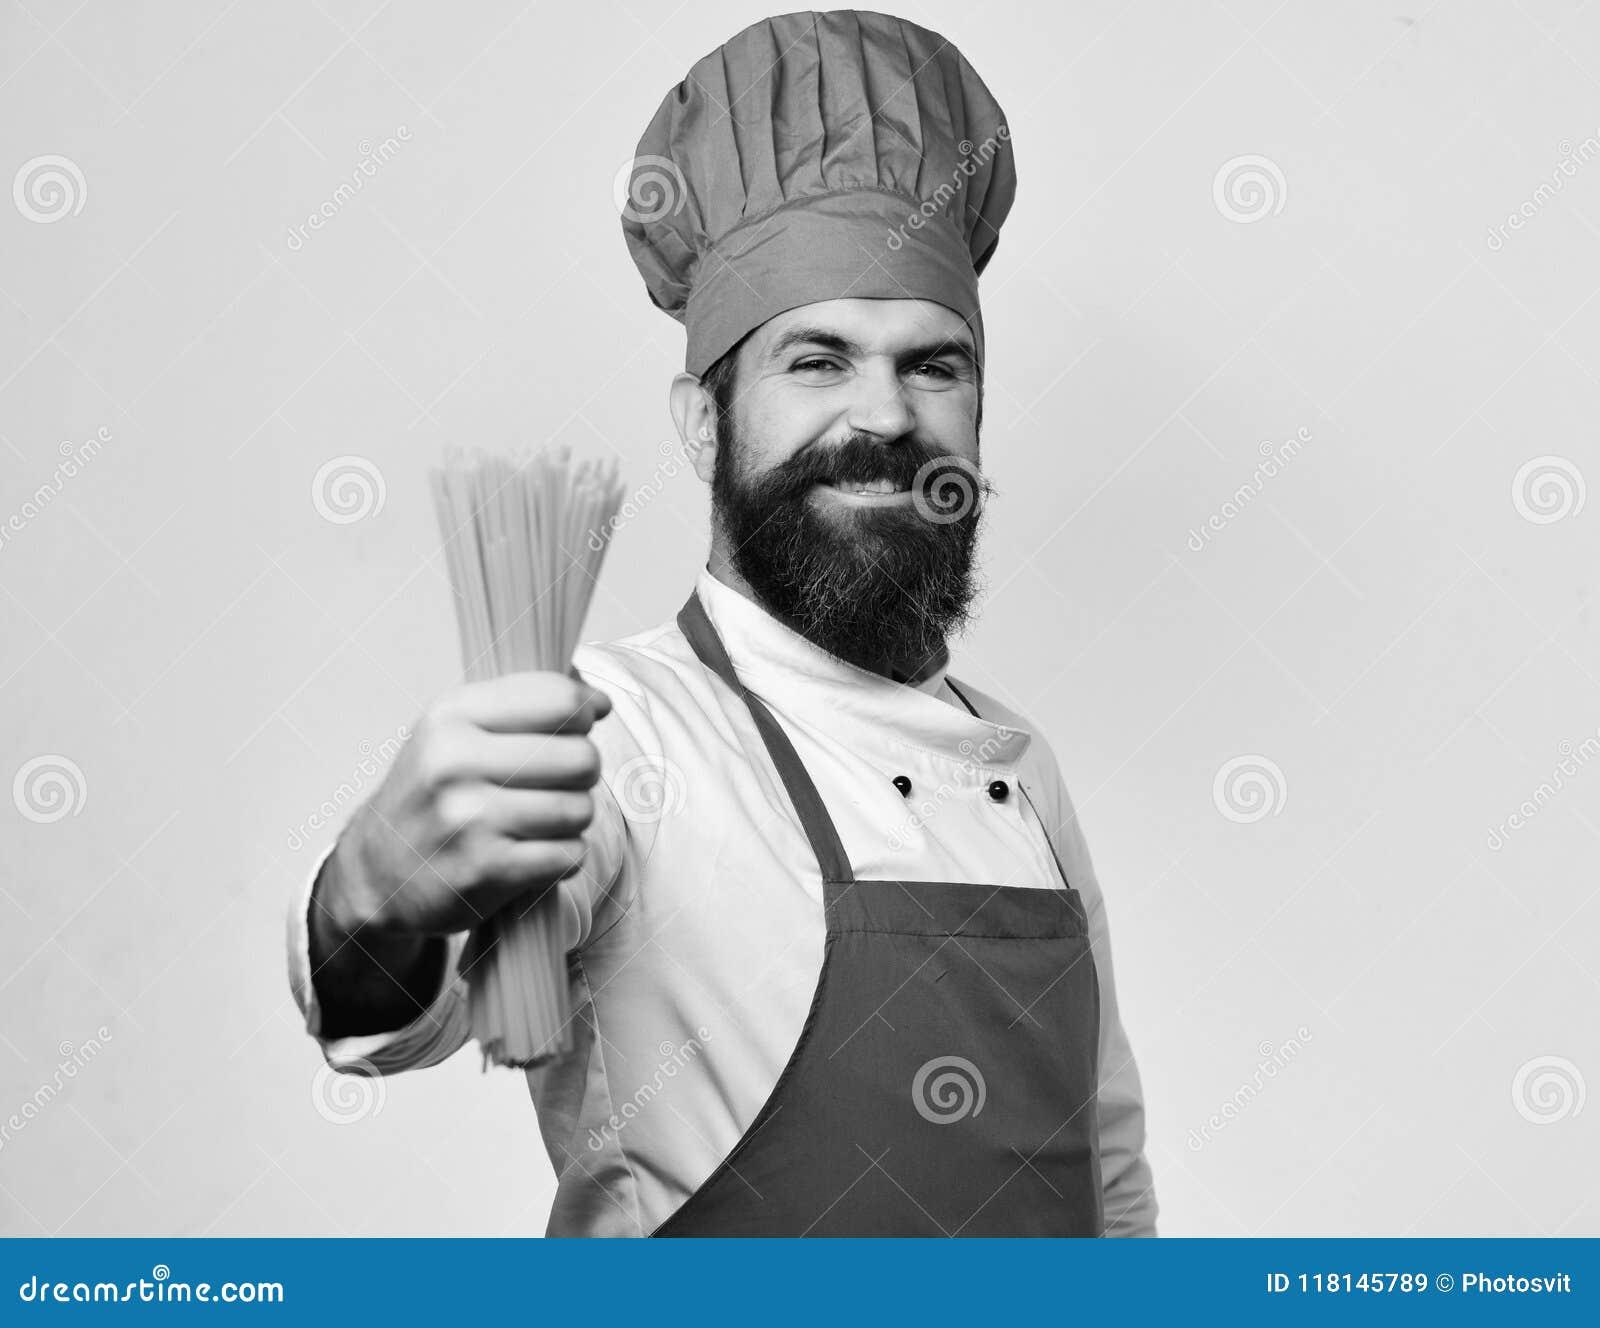 Belangrijkste kooktoestel of chef-kok Italiaans keukenconcept Mens met baard op witte achtergrond wordt geïsoleerd die